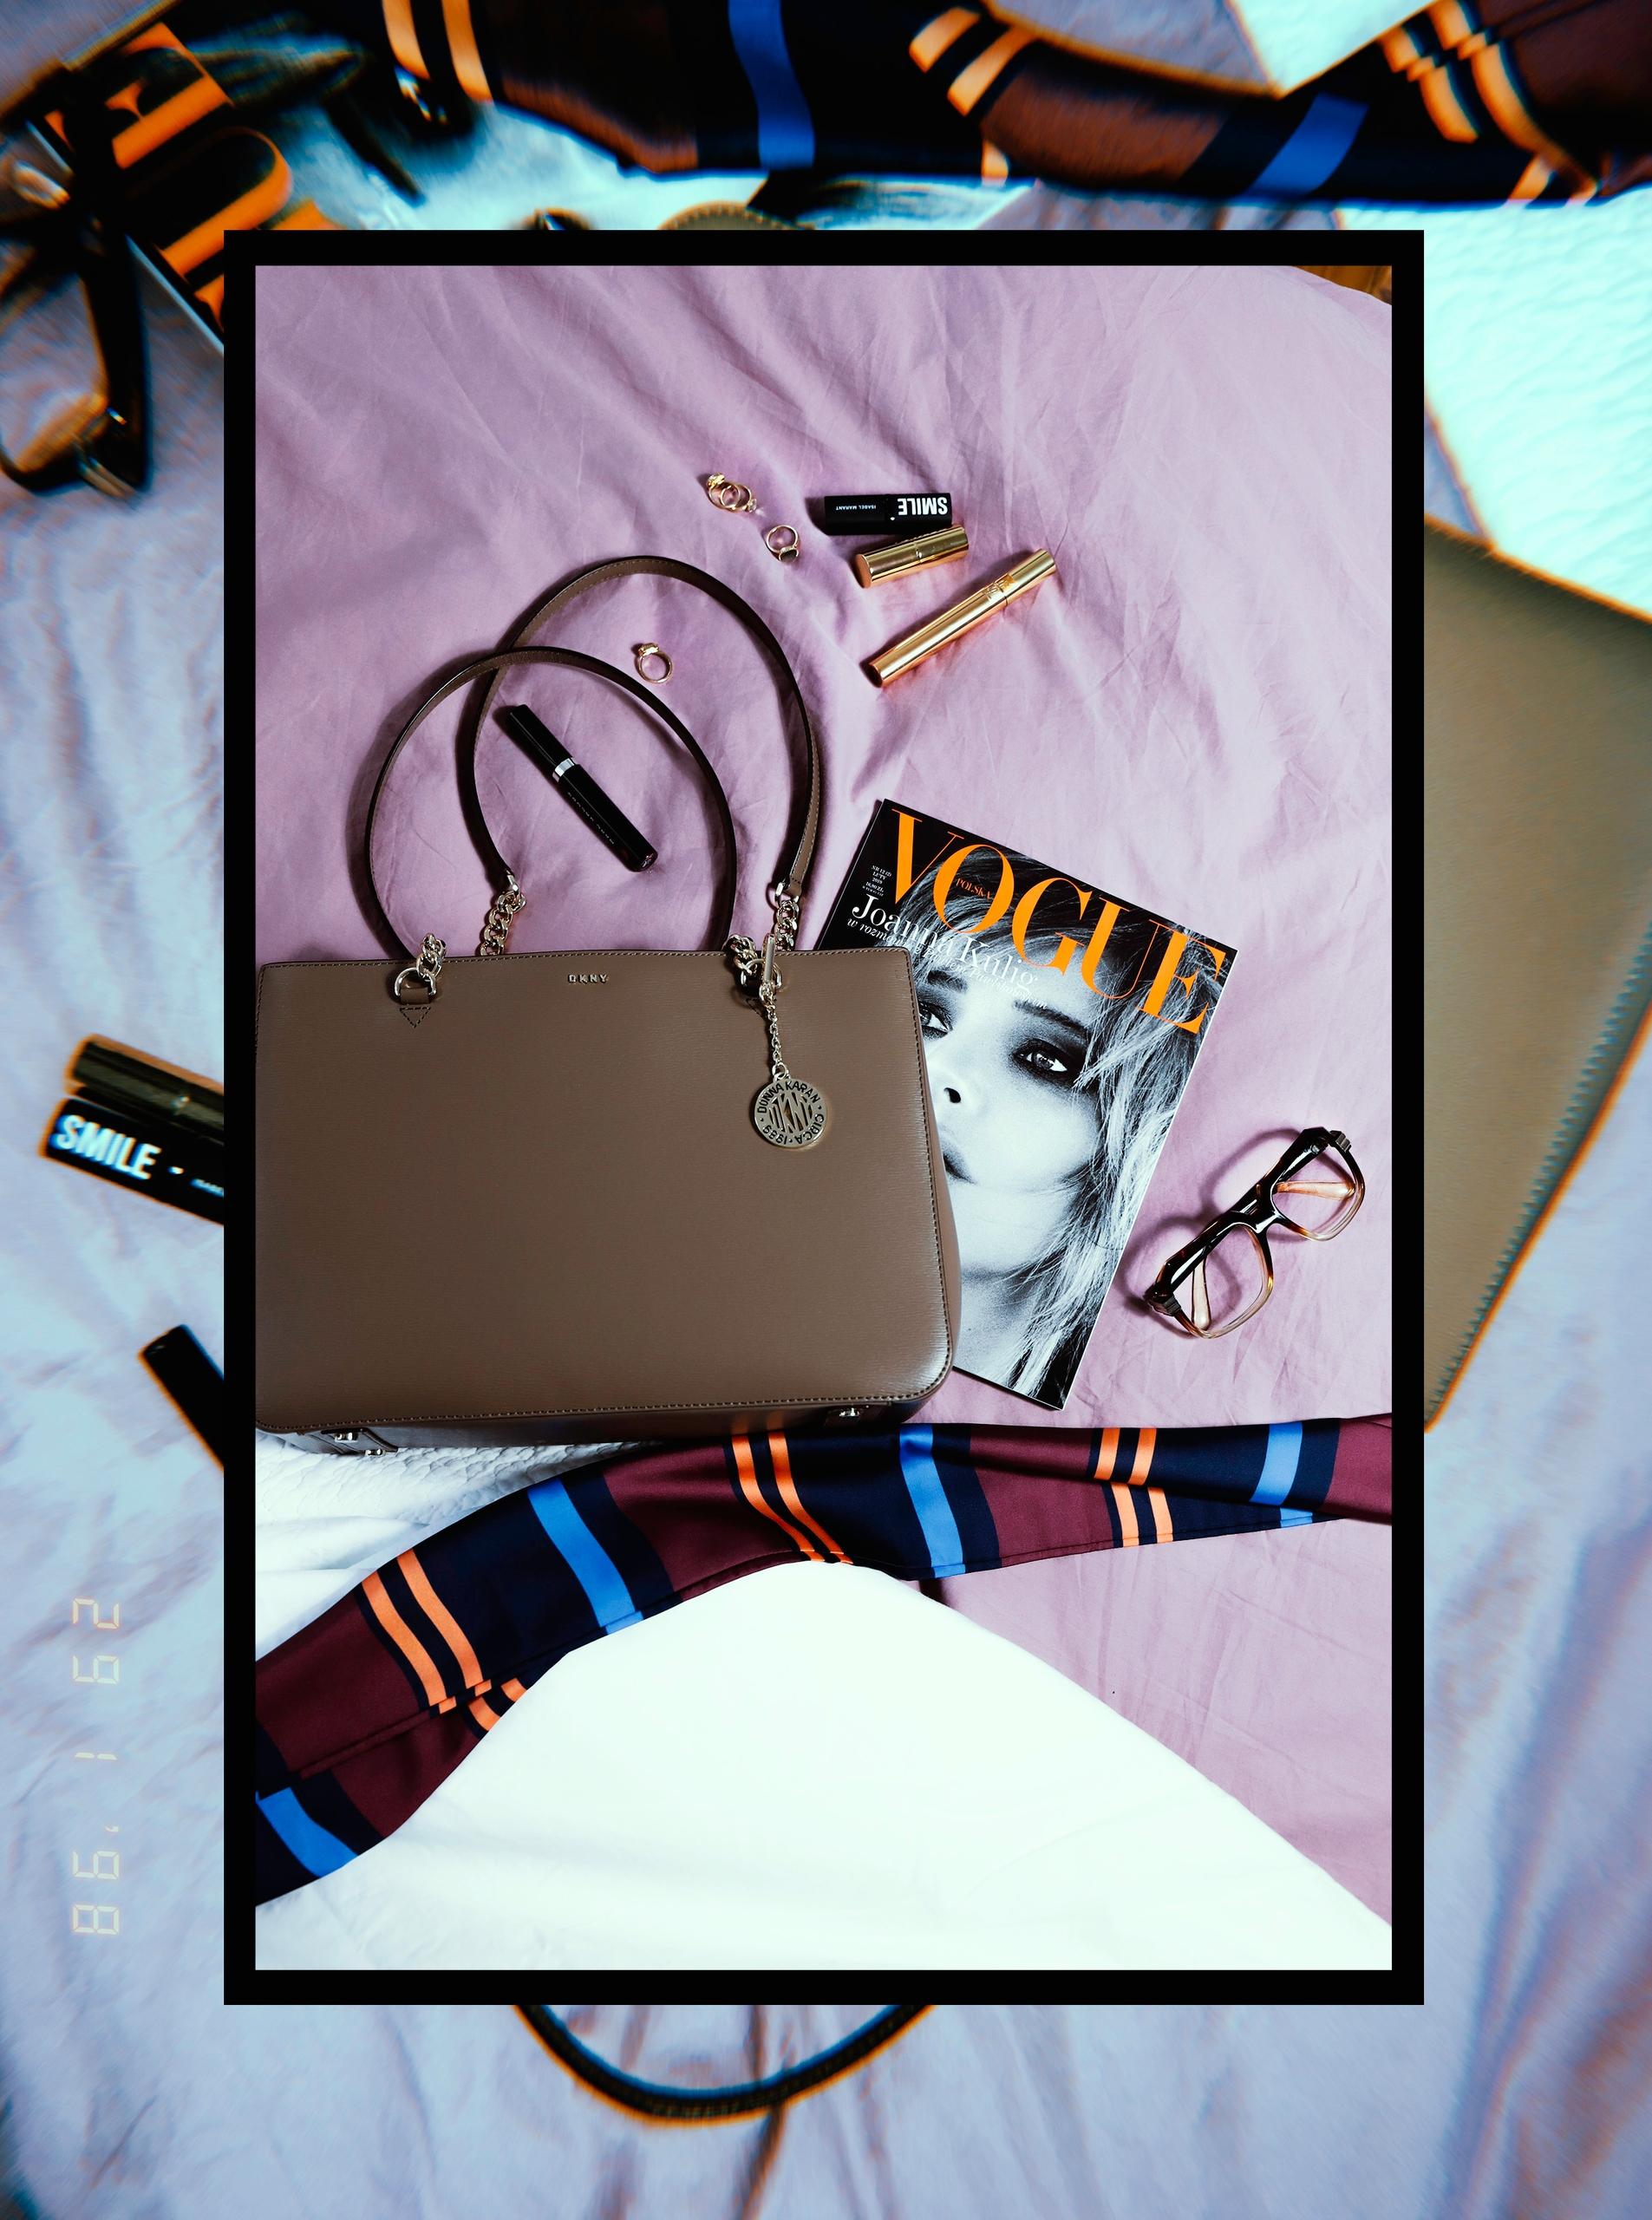 Obraz przedstawia fotografię torebki leżącej na fioletowej tkaninie wśród różnych przedmiotów.